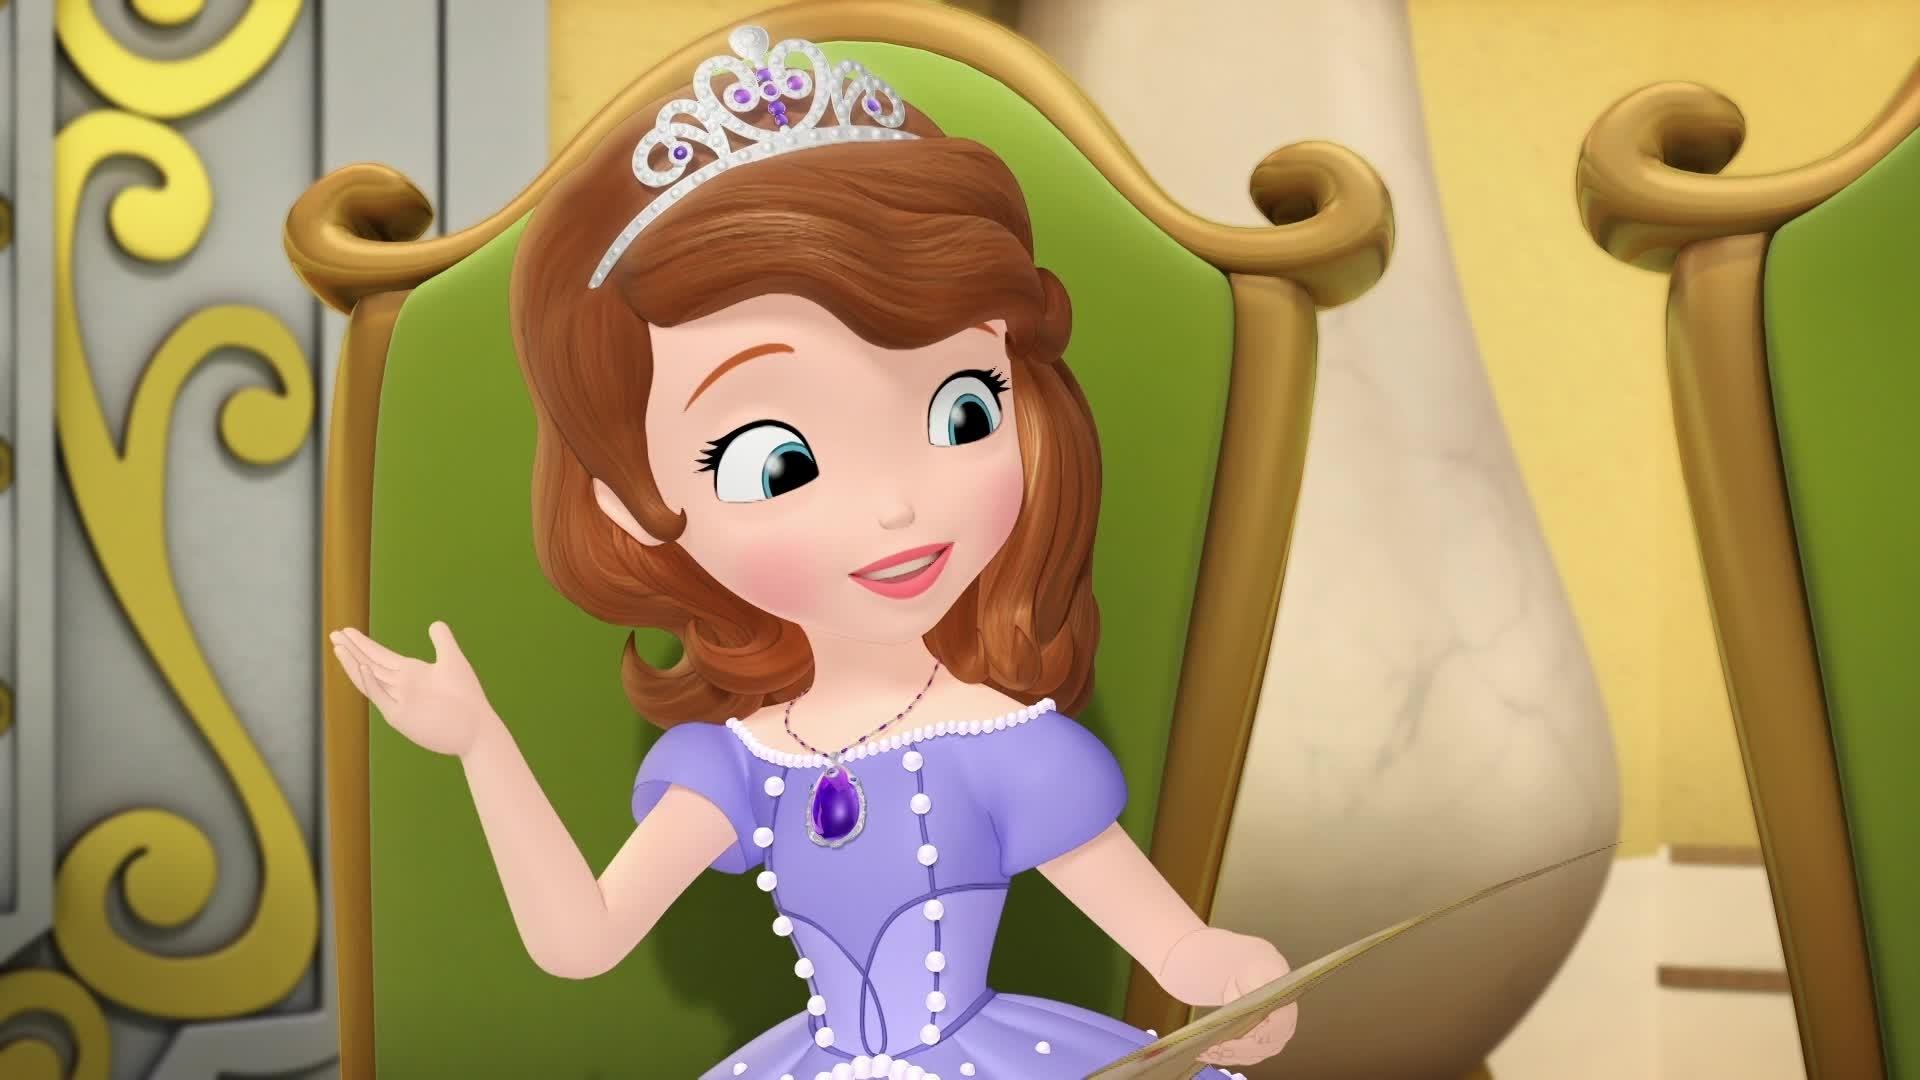 Princesse Sofia - Le roi qui rêvait d'être boulanger